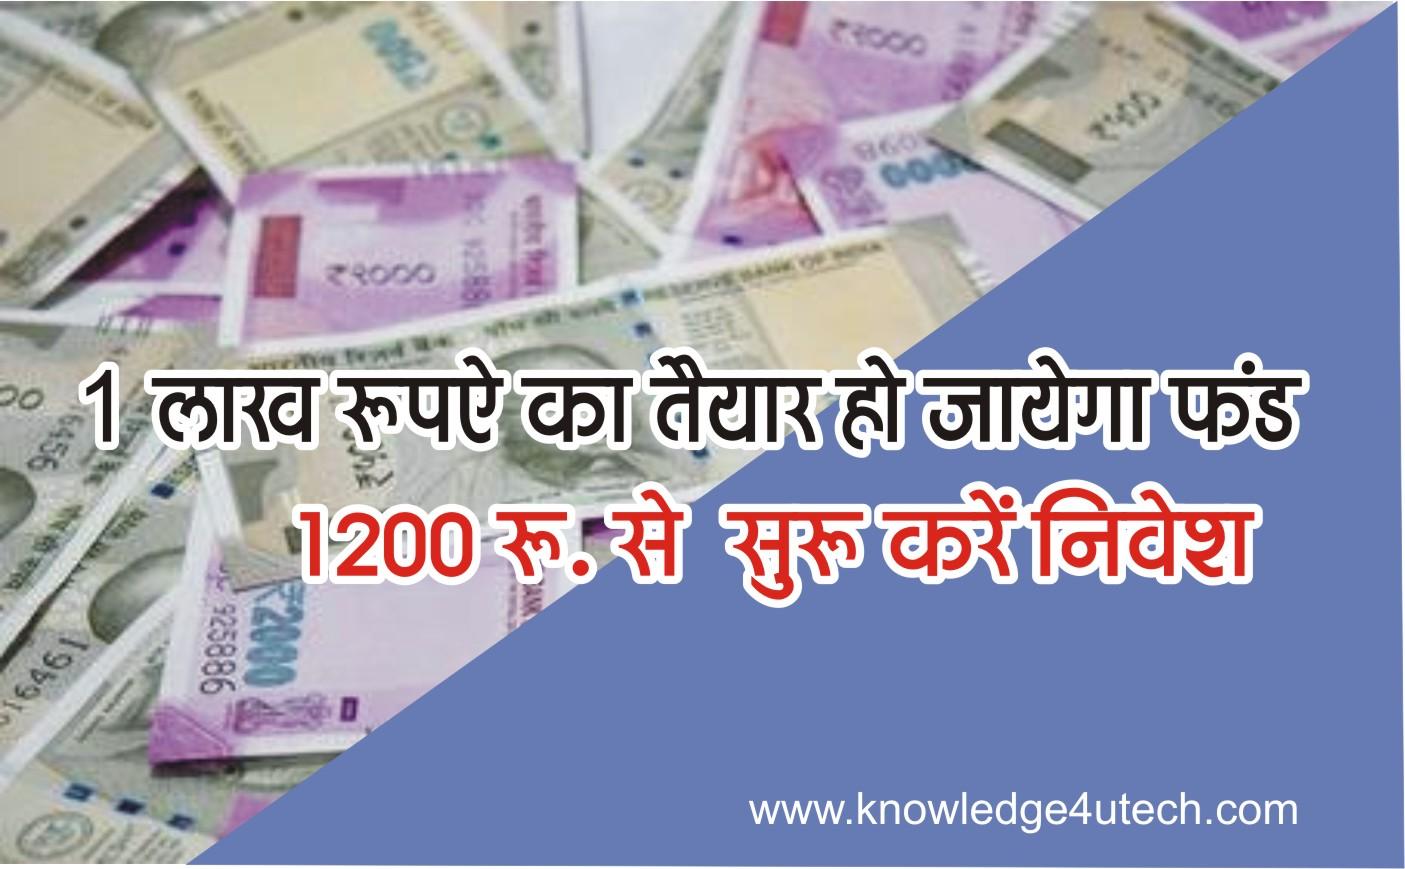 1 लाख रुपये